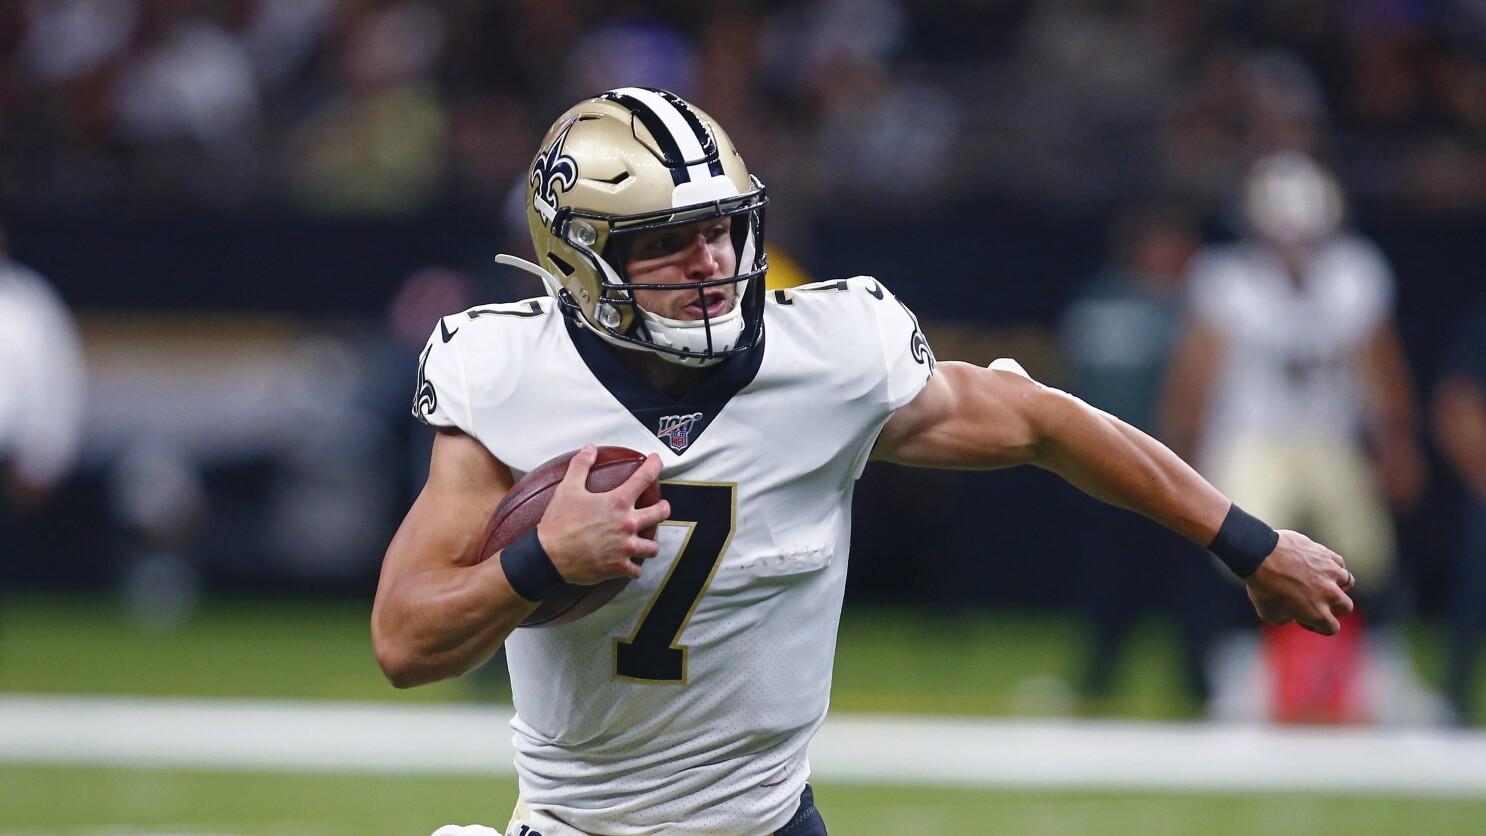 Saints' Taysom Hill is a do-it-all quarterback